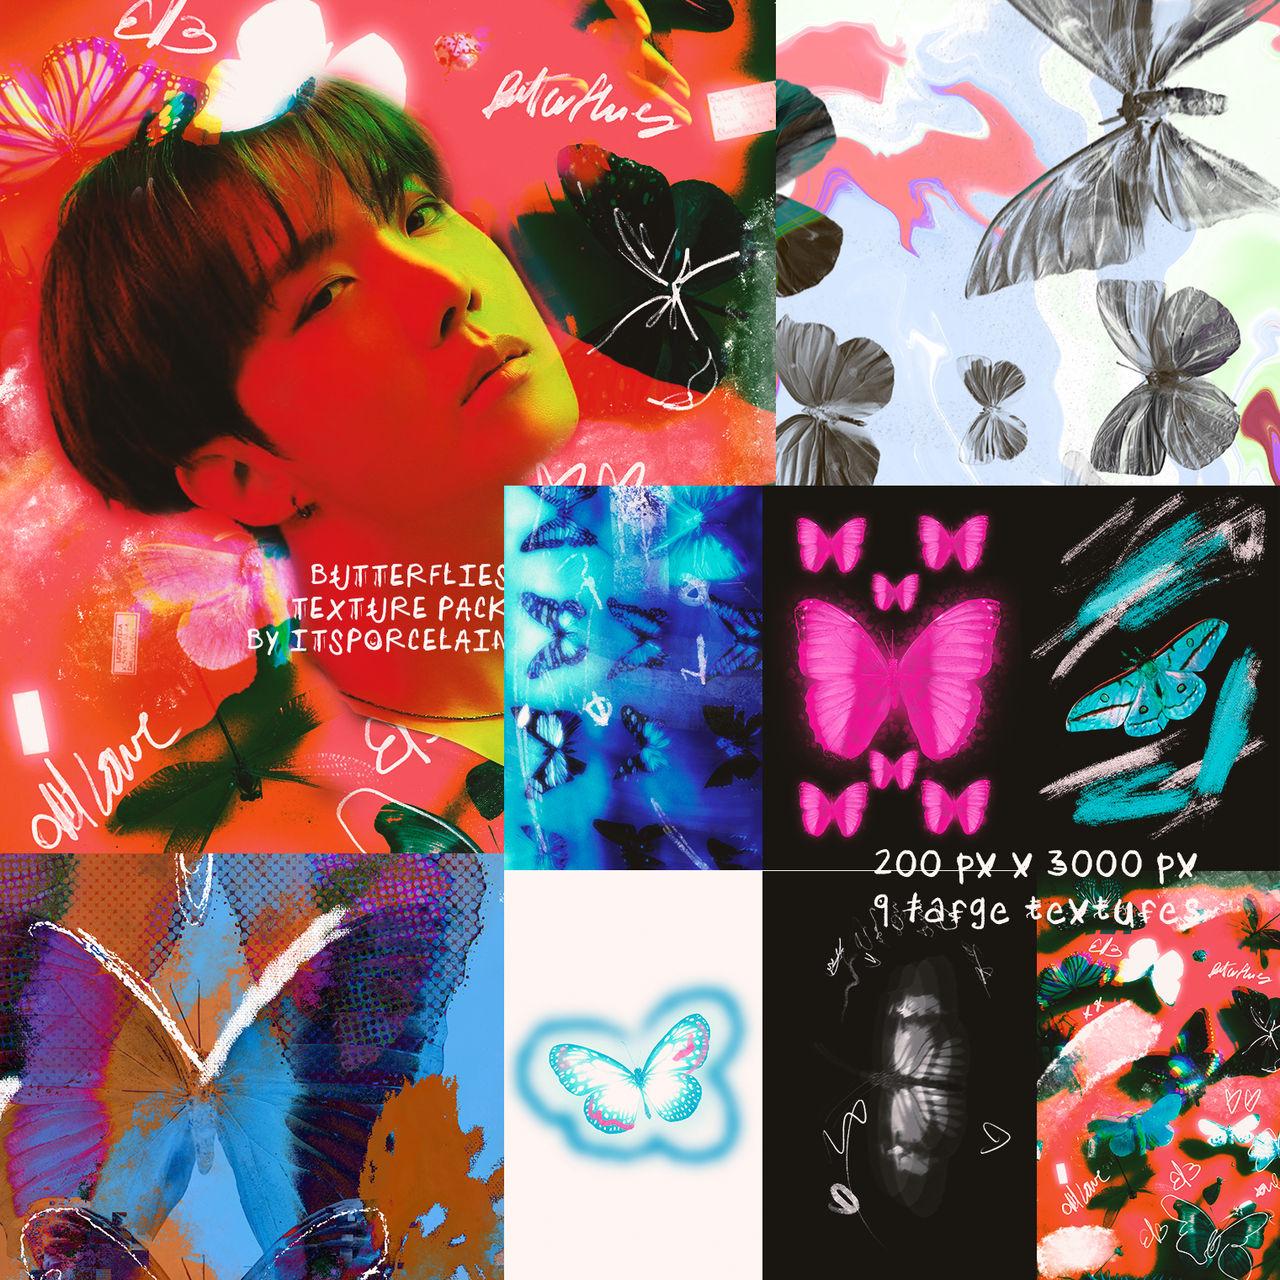 BUTTERFLIES TEXTURE PACK 01 BY ITSPORCELAIN